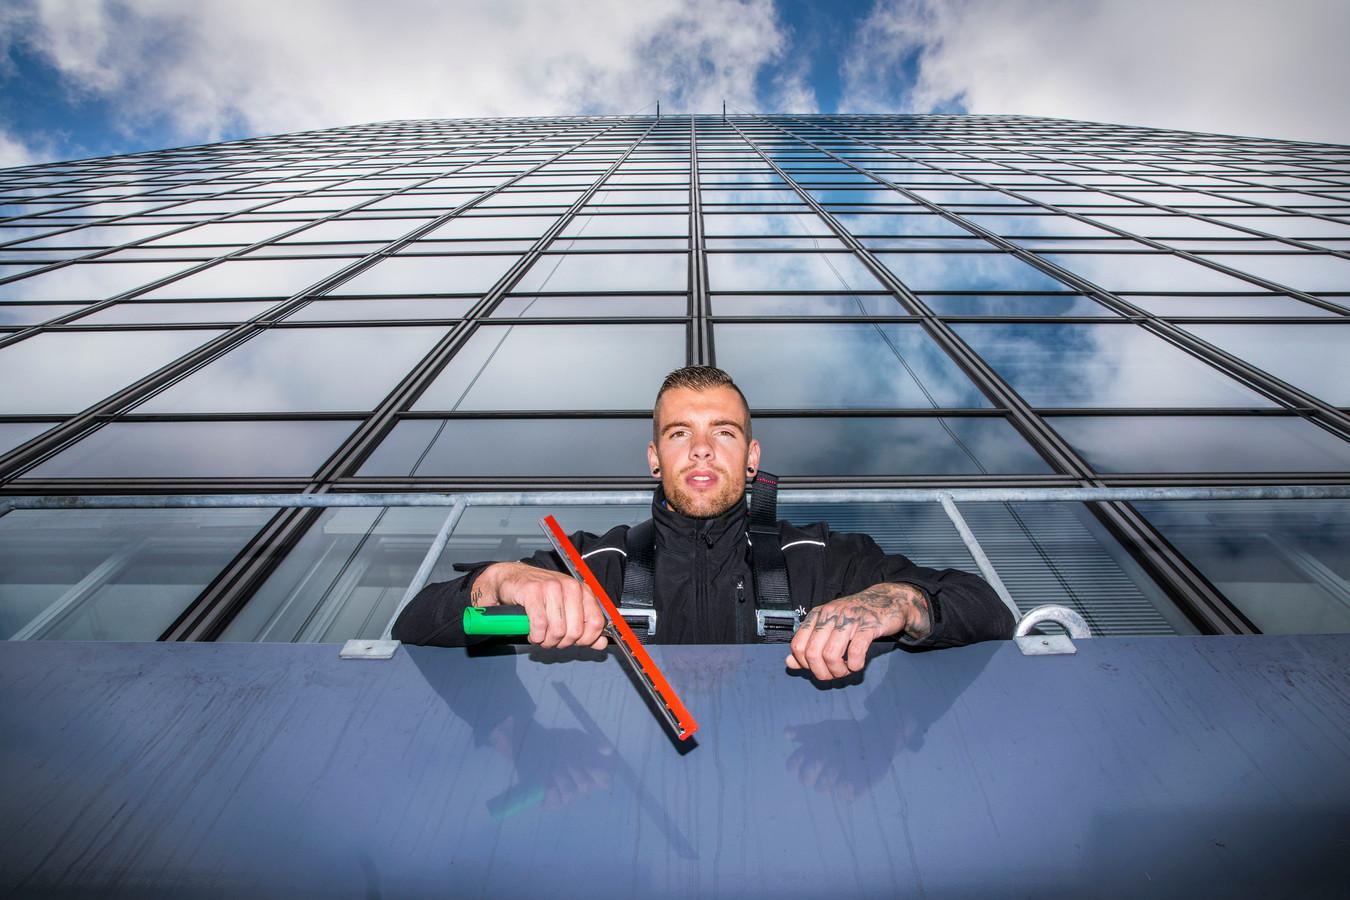 Schoonmaken op de 45ste verdieping was in het begin spannend, maar inmiddels geeft het Jeroen Bilkes een kick. ,,Wie druft dit nou?''